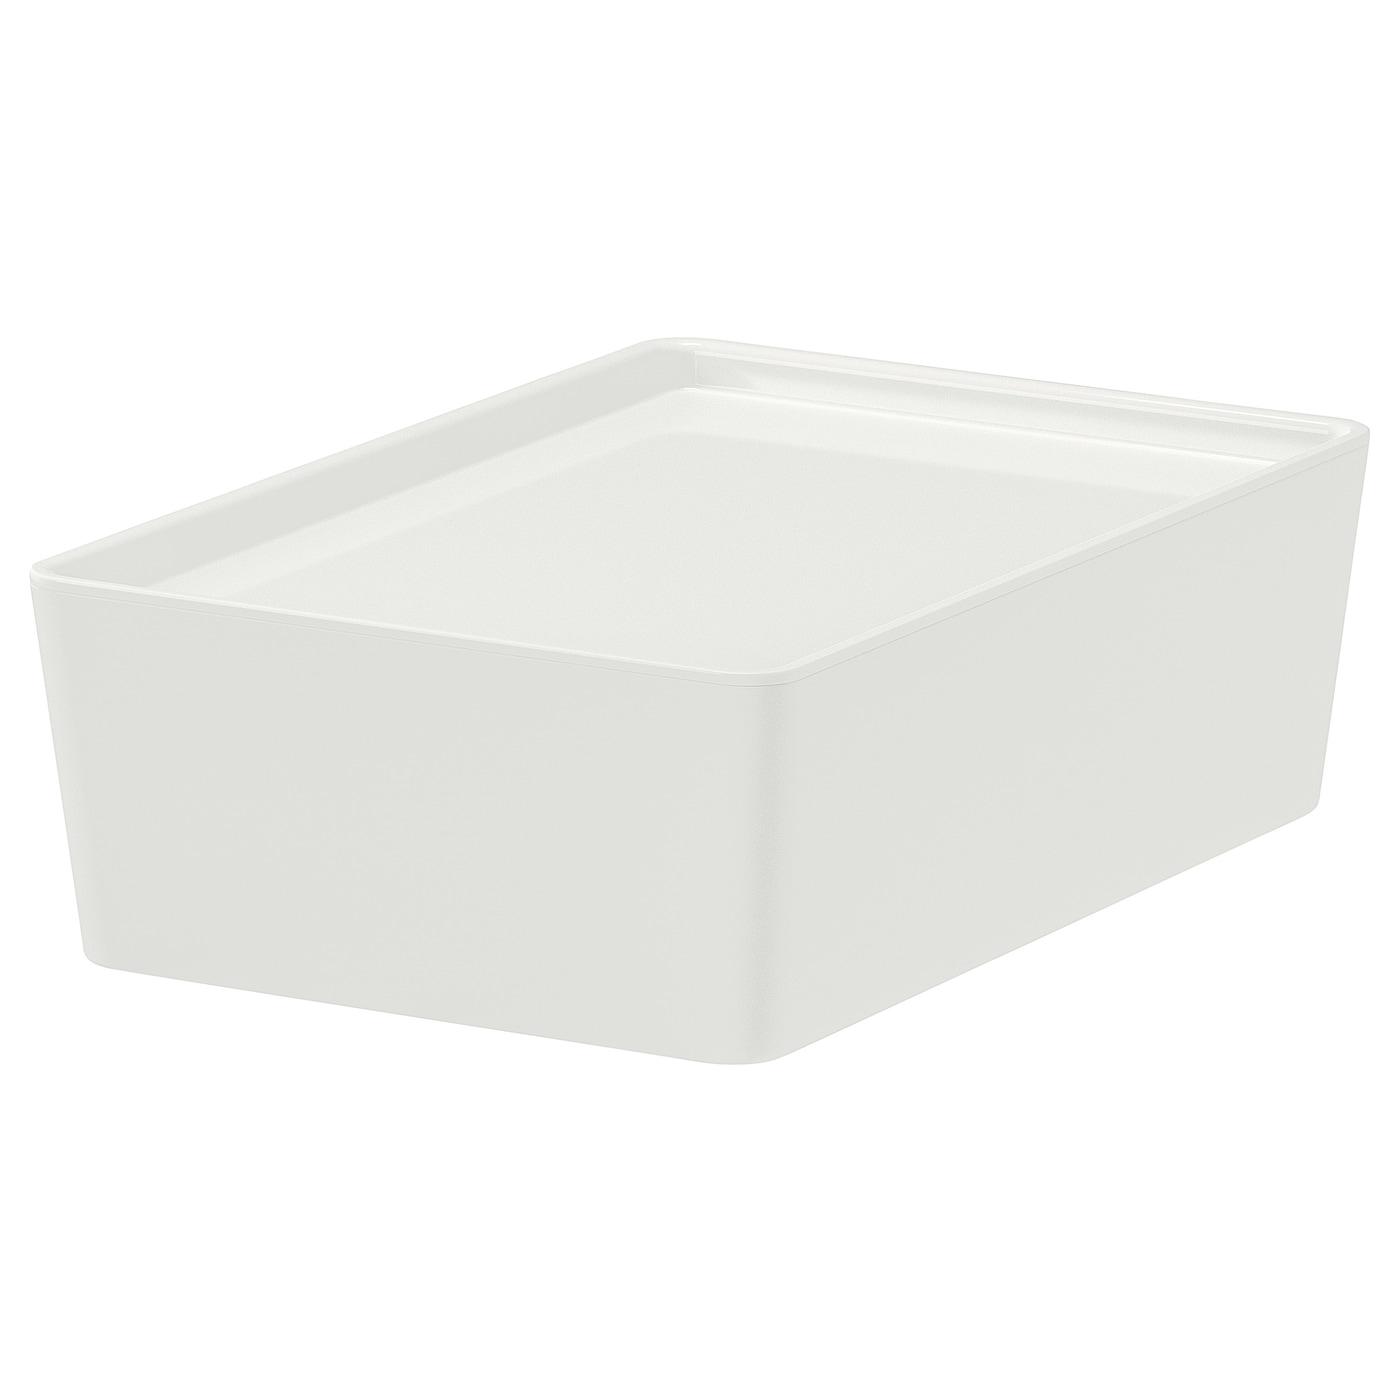 IKEA KUGGIS Box mit Deckel – klein